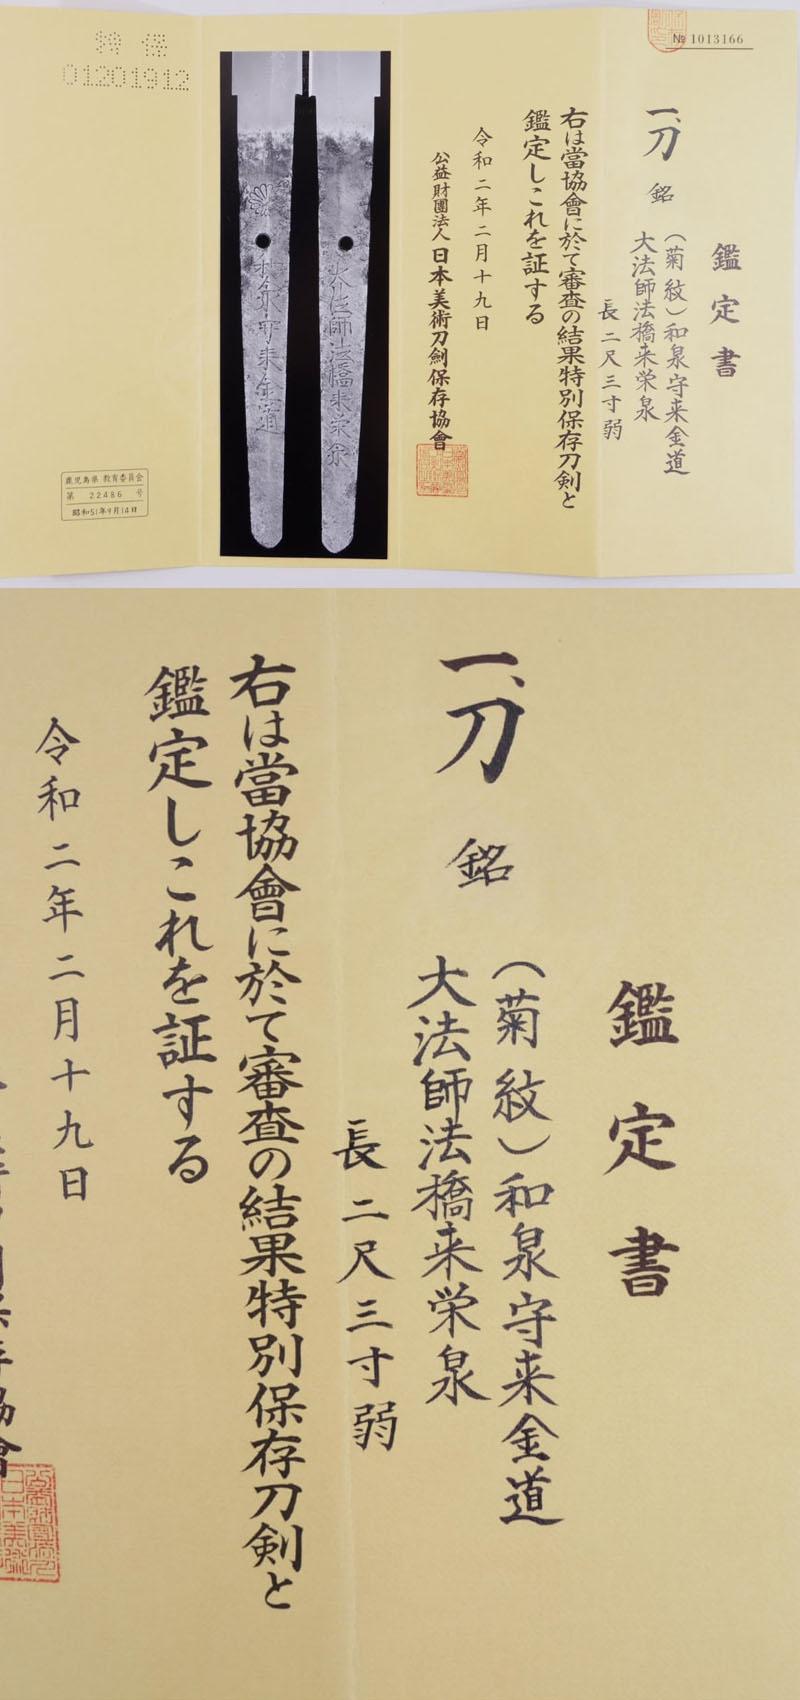 刀 (菊紋)和泉守来金道 大法師法橋来栄泉 Picture of Certificate